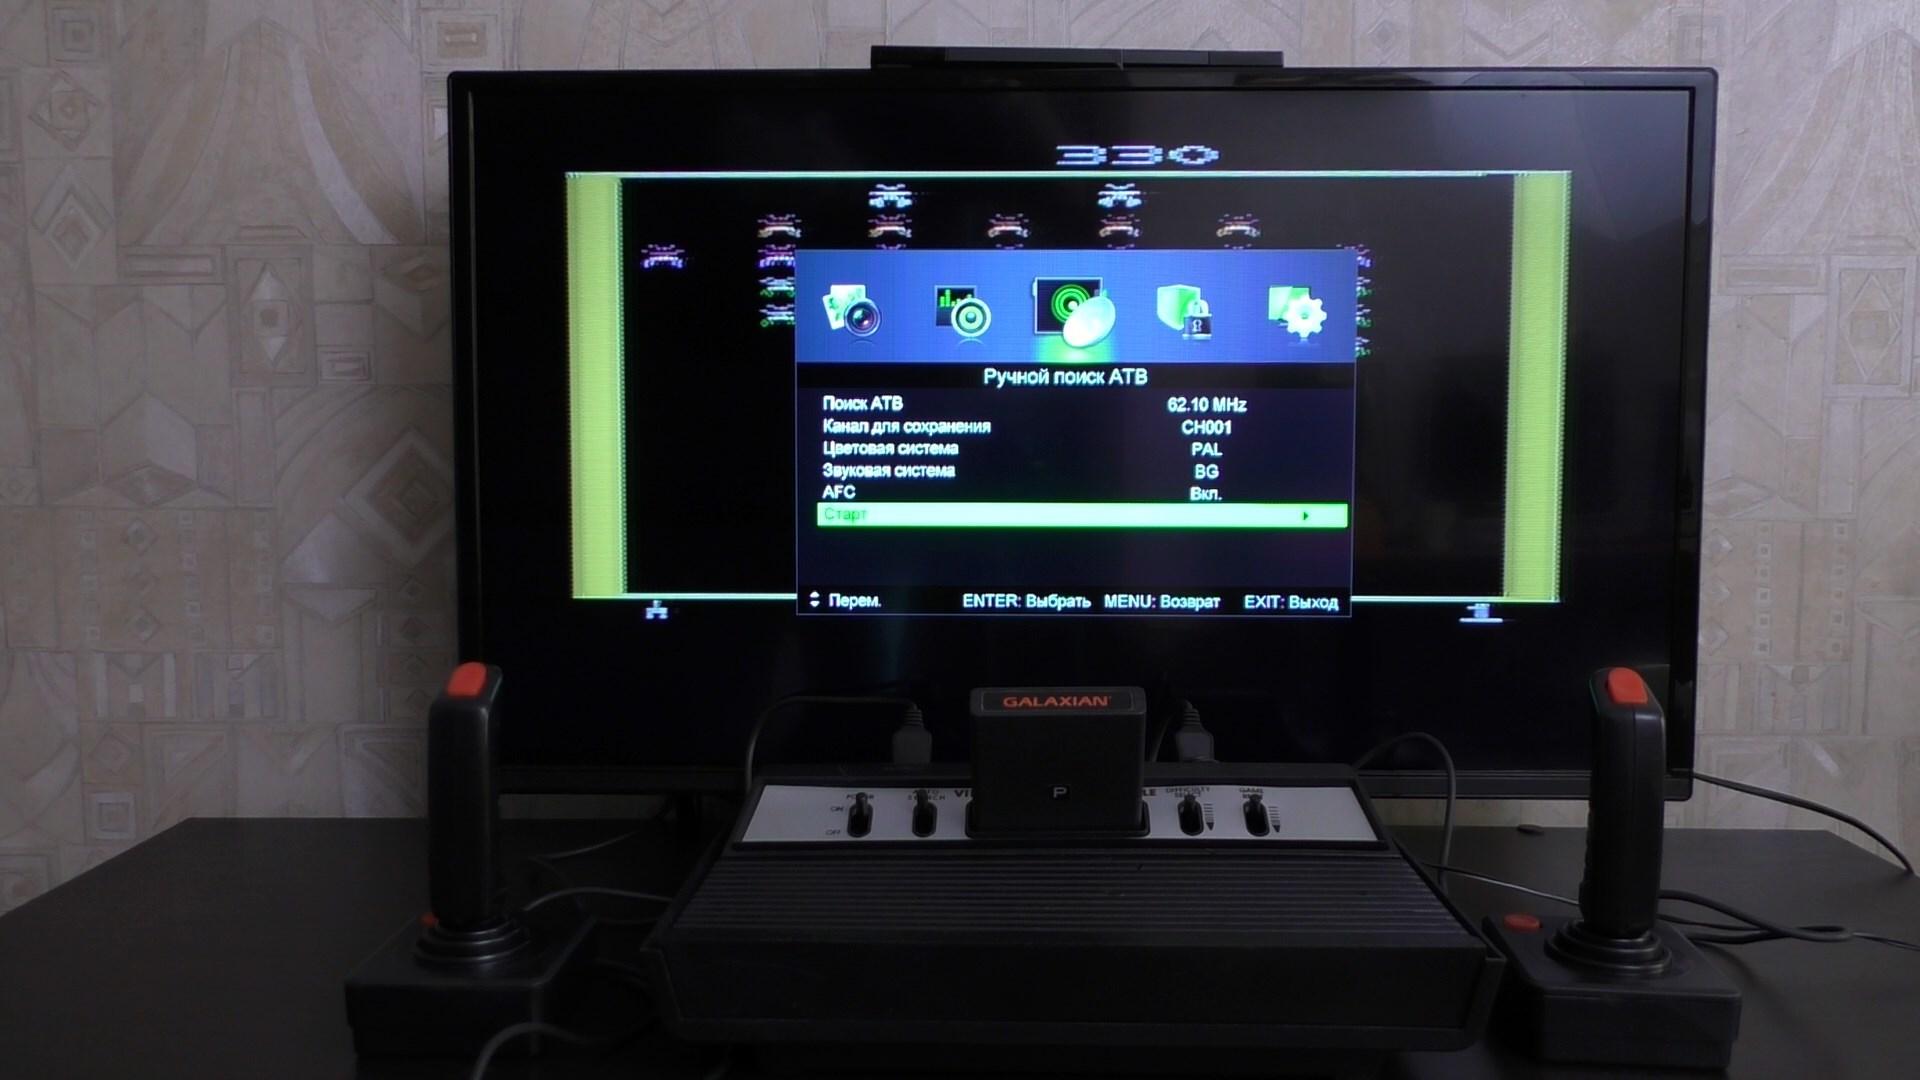 Rambo TV Games (Atari 2600) [статья с кучей фото и капелькой видео] - 28